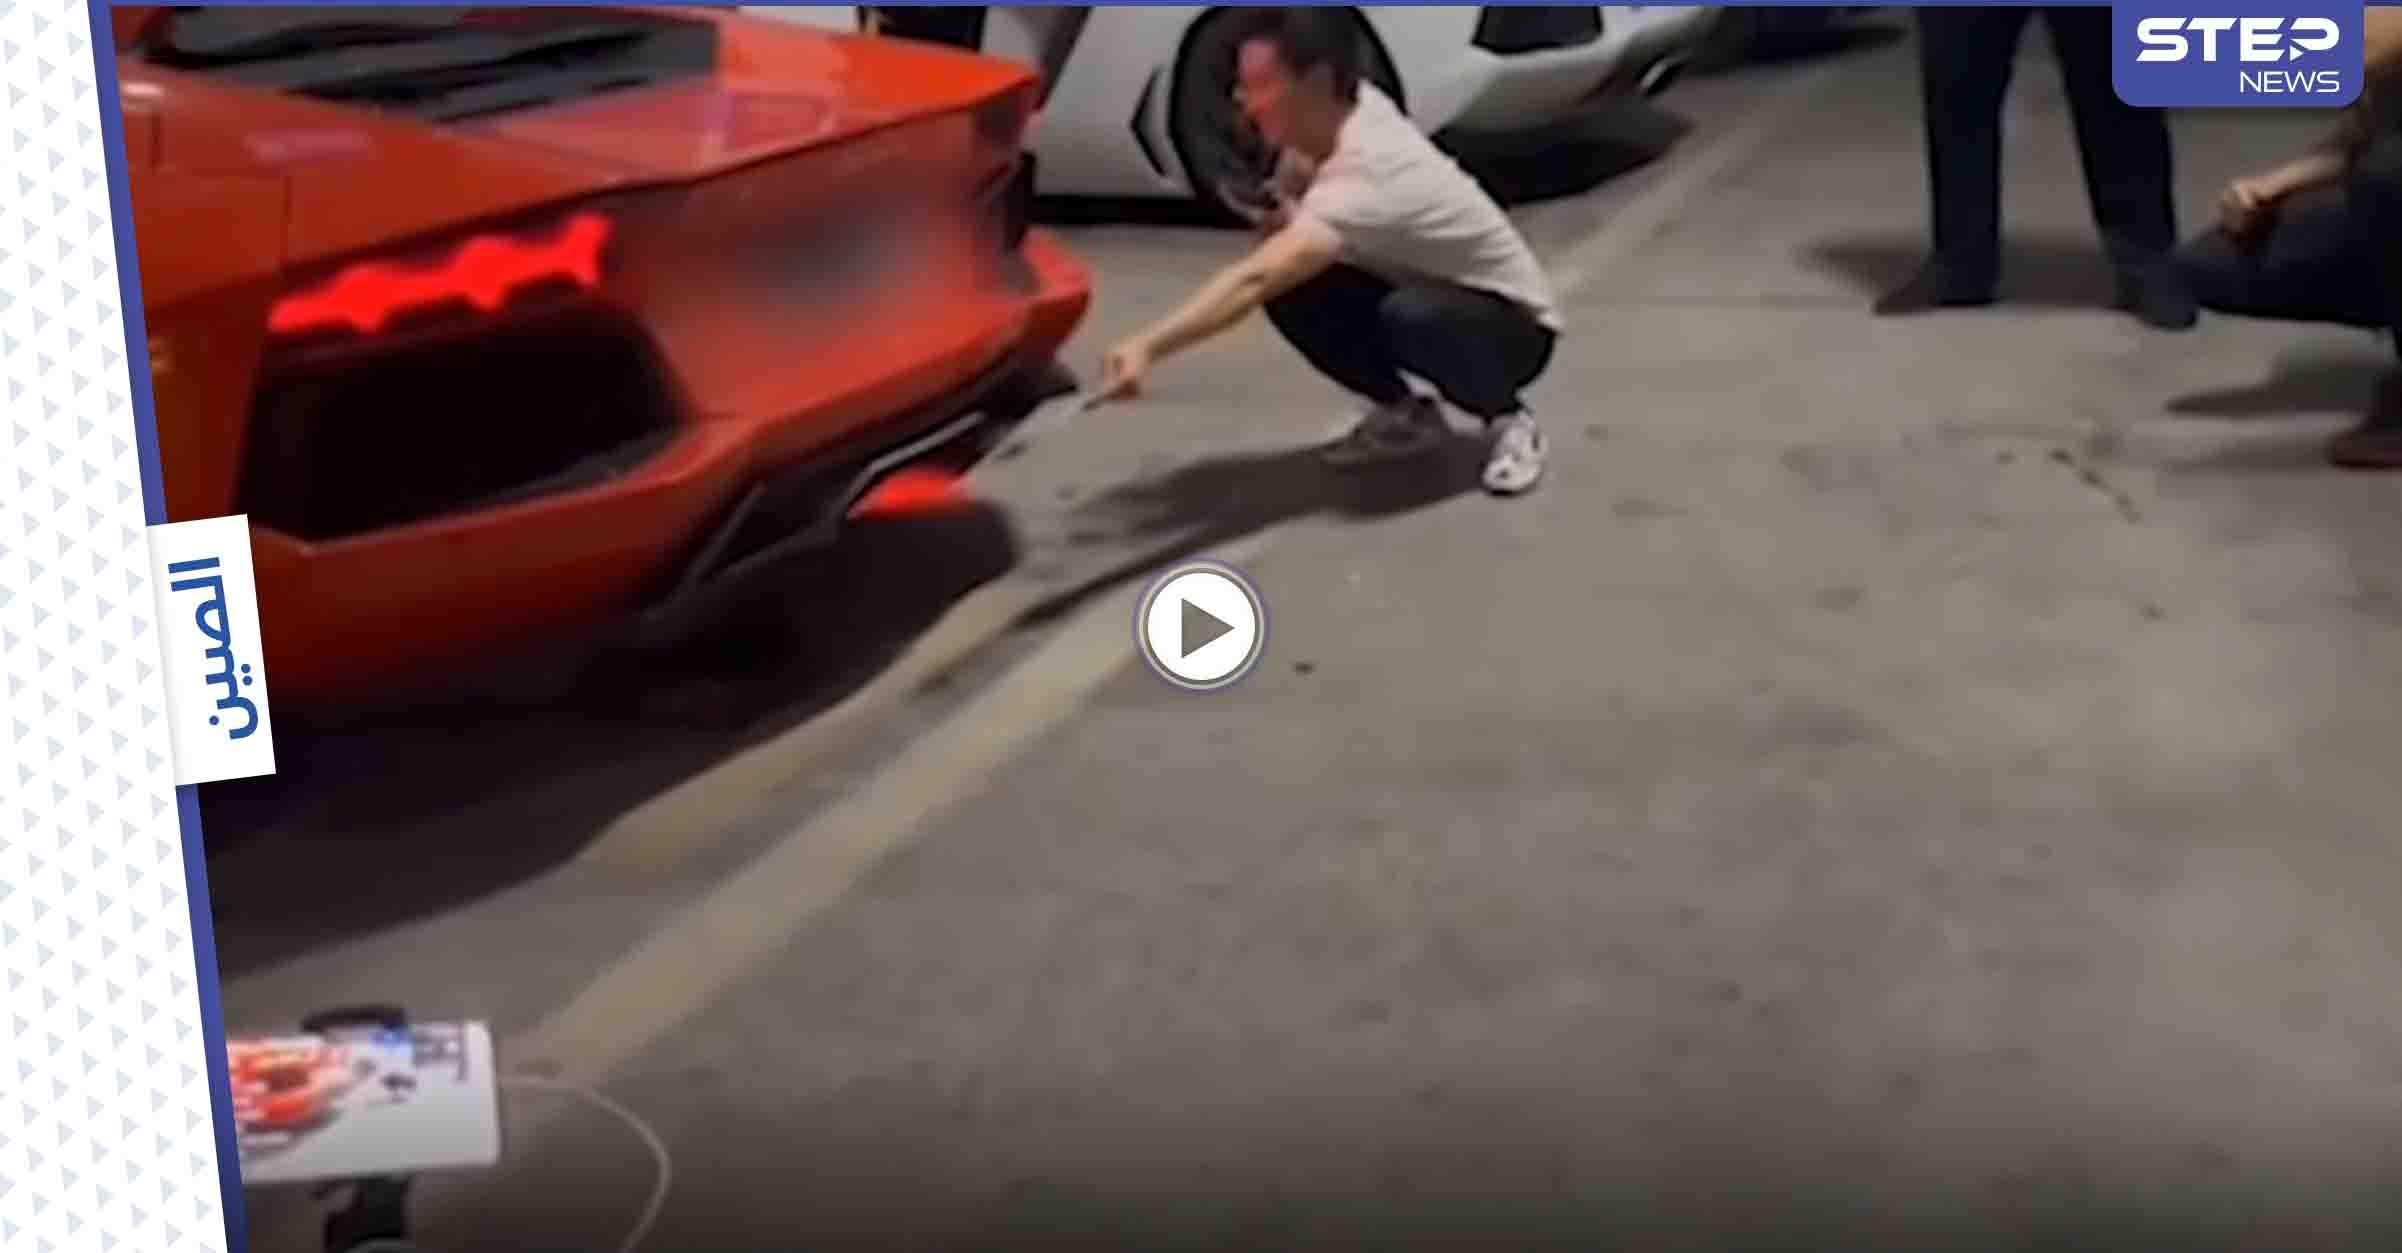 بالفيديو|| أتلف سيارة لمبرغيني لشوي سيخ اللحم الذي صنف الأغلى في العالم